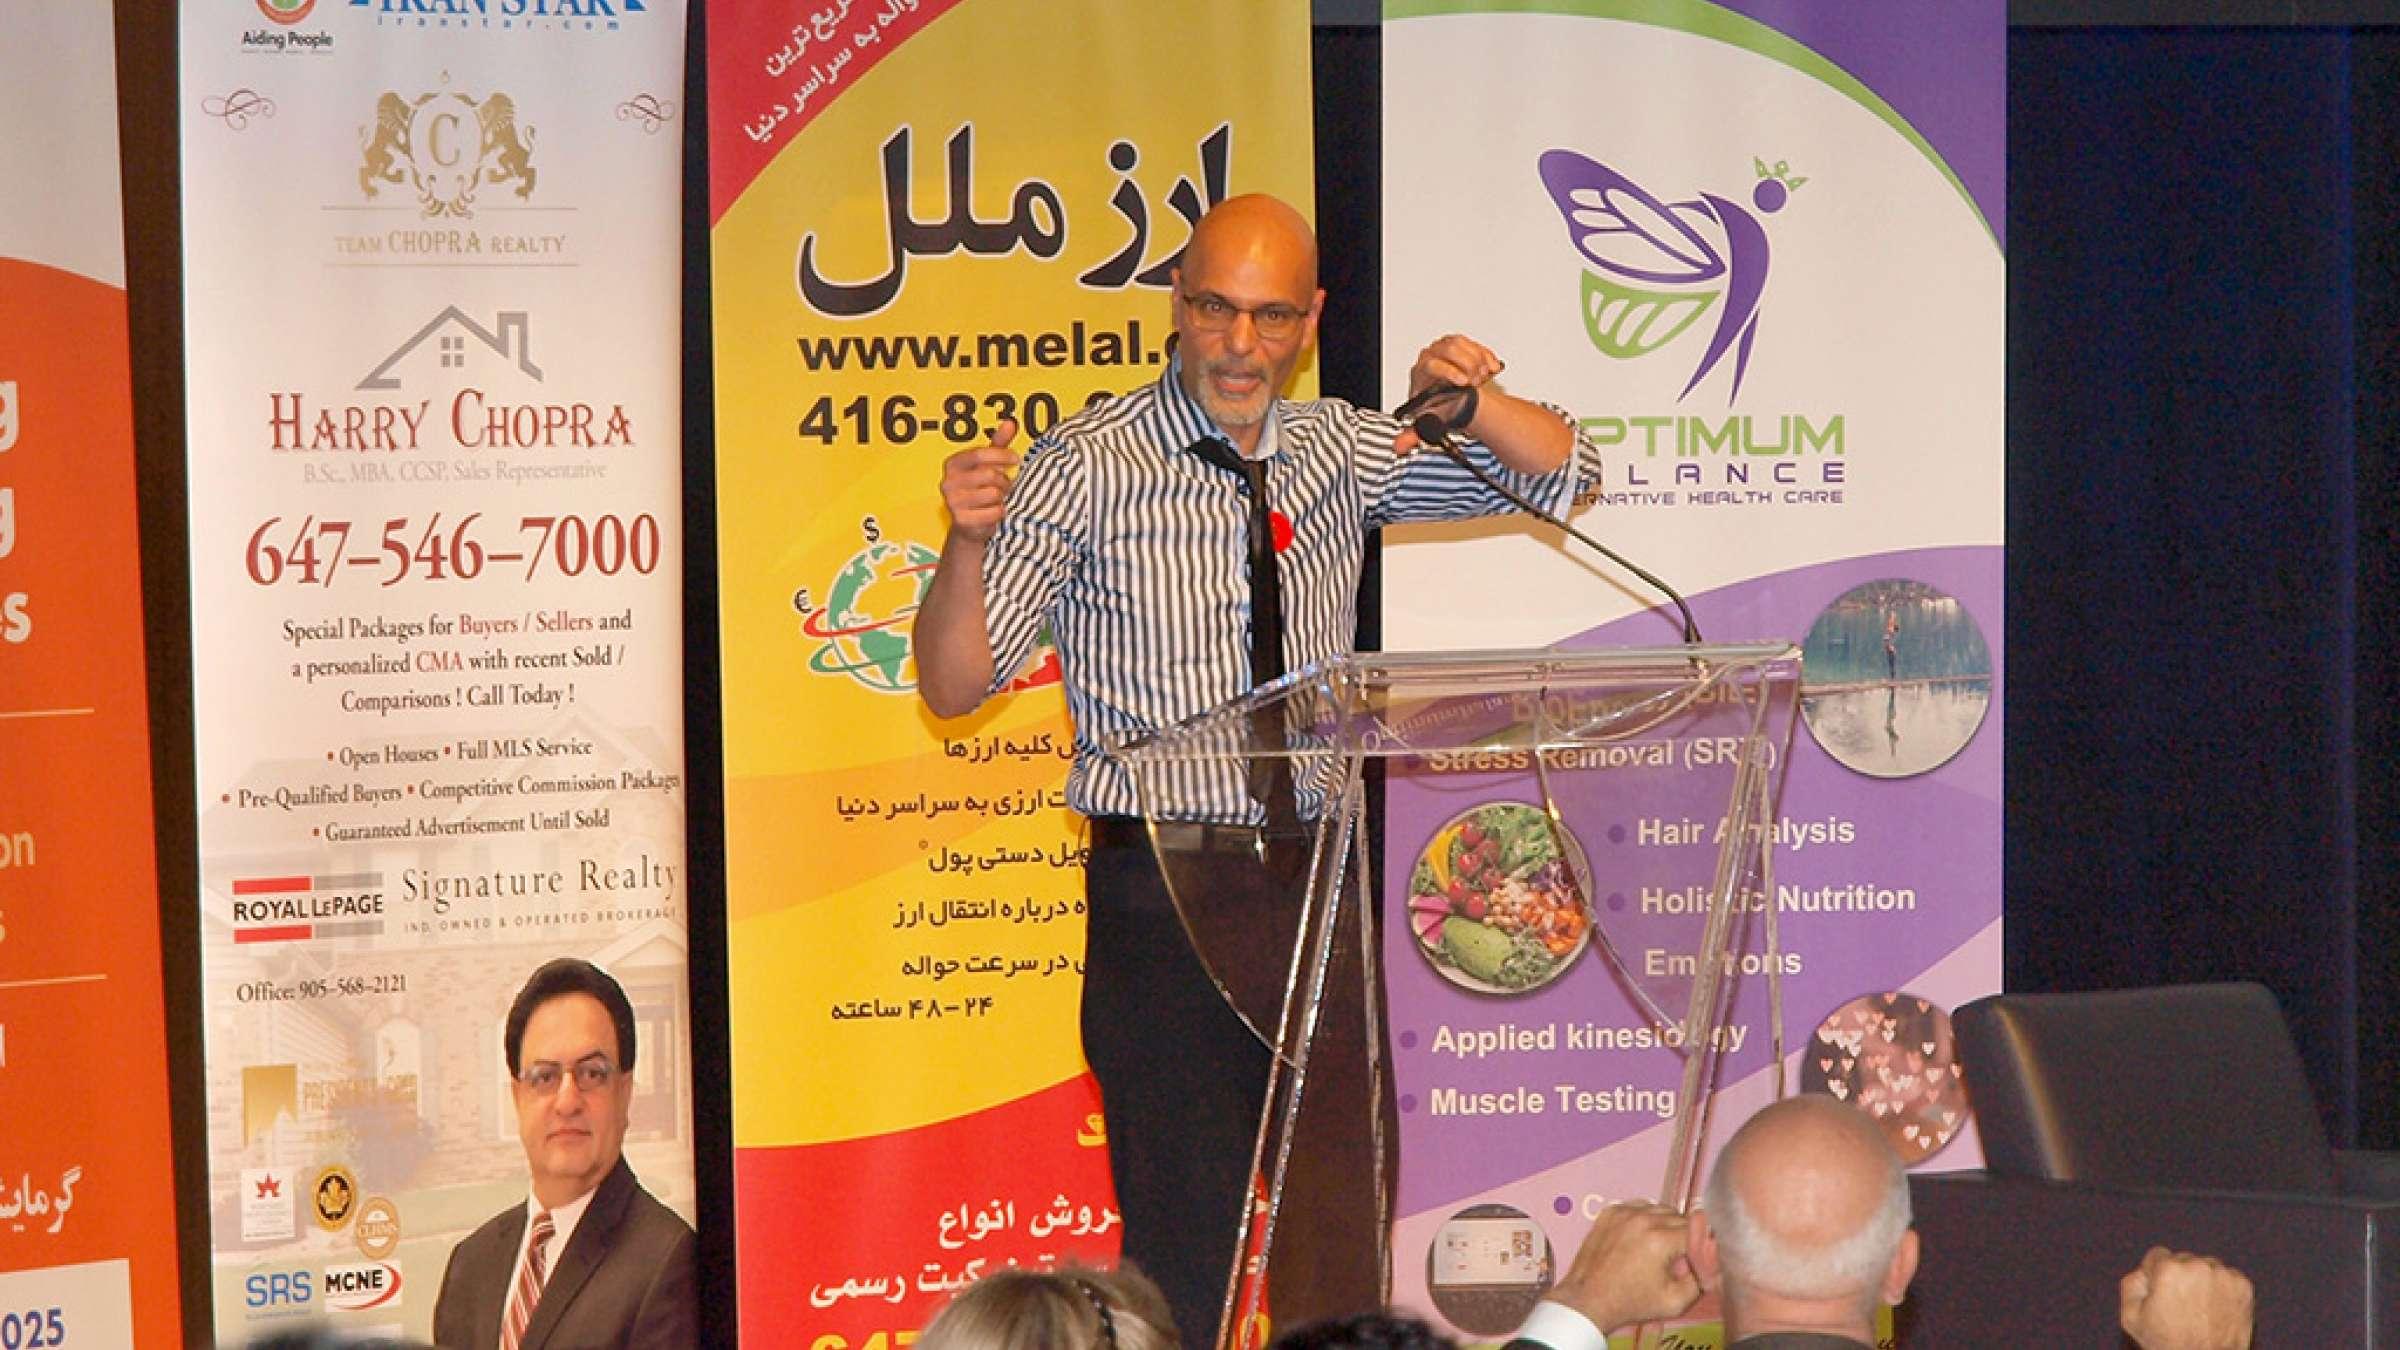 گزارش-روز-برگزاری-بزرگترین-سمینار-سرطان-ایرانیان-در-کانادا-دکتر-بهرام-جم